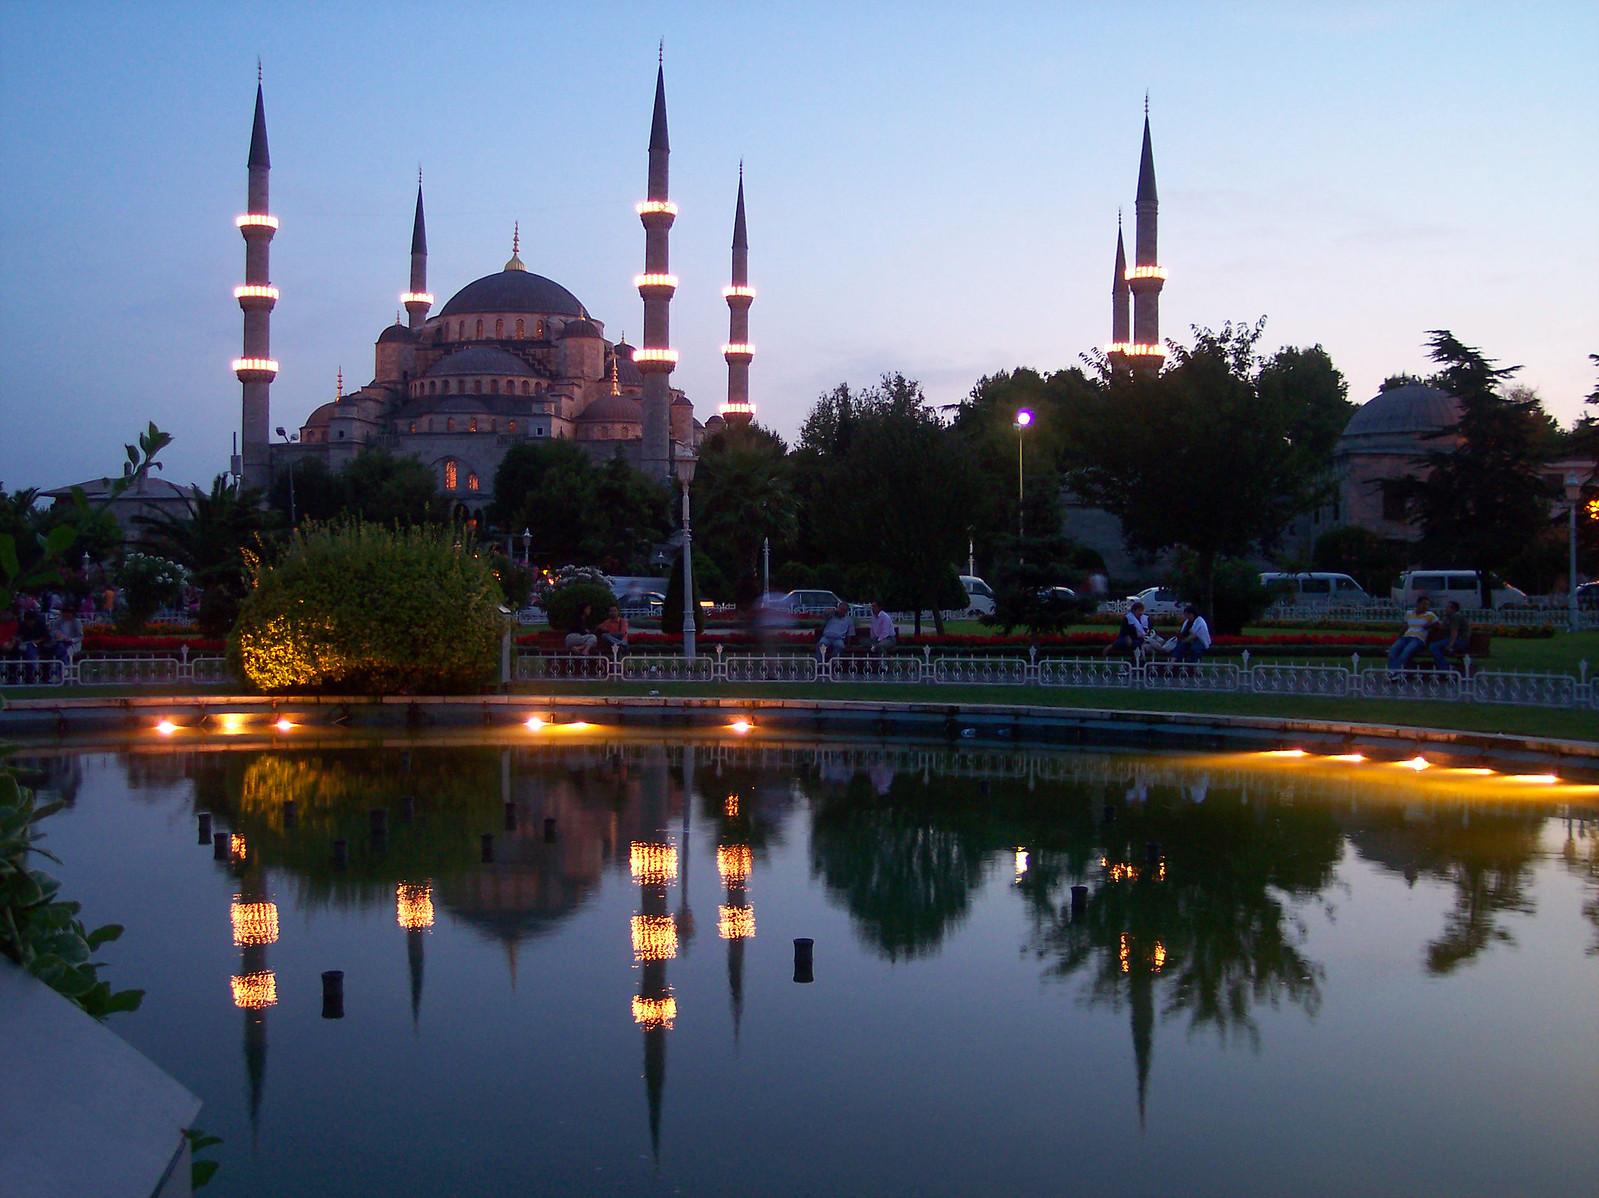 ¿ es seguro viajar a Turquía ? es seguro viajar a turquía - 32088036328 ef9ce6df1f h - ¿ Es seguro viajar a Turquía ?